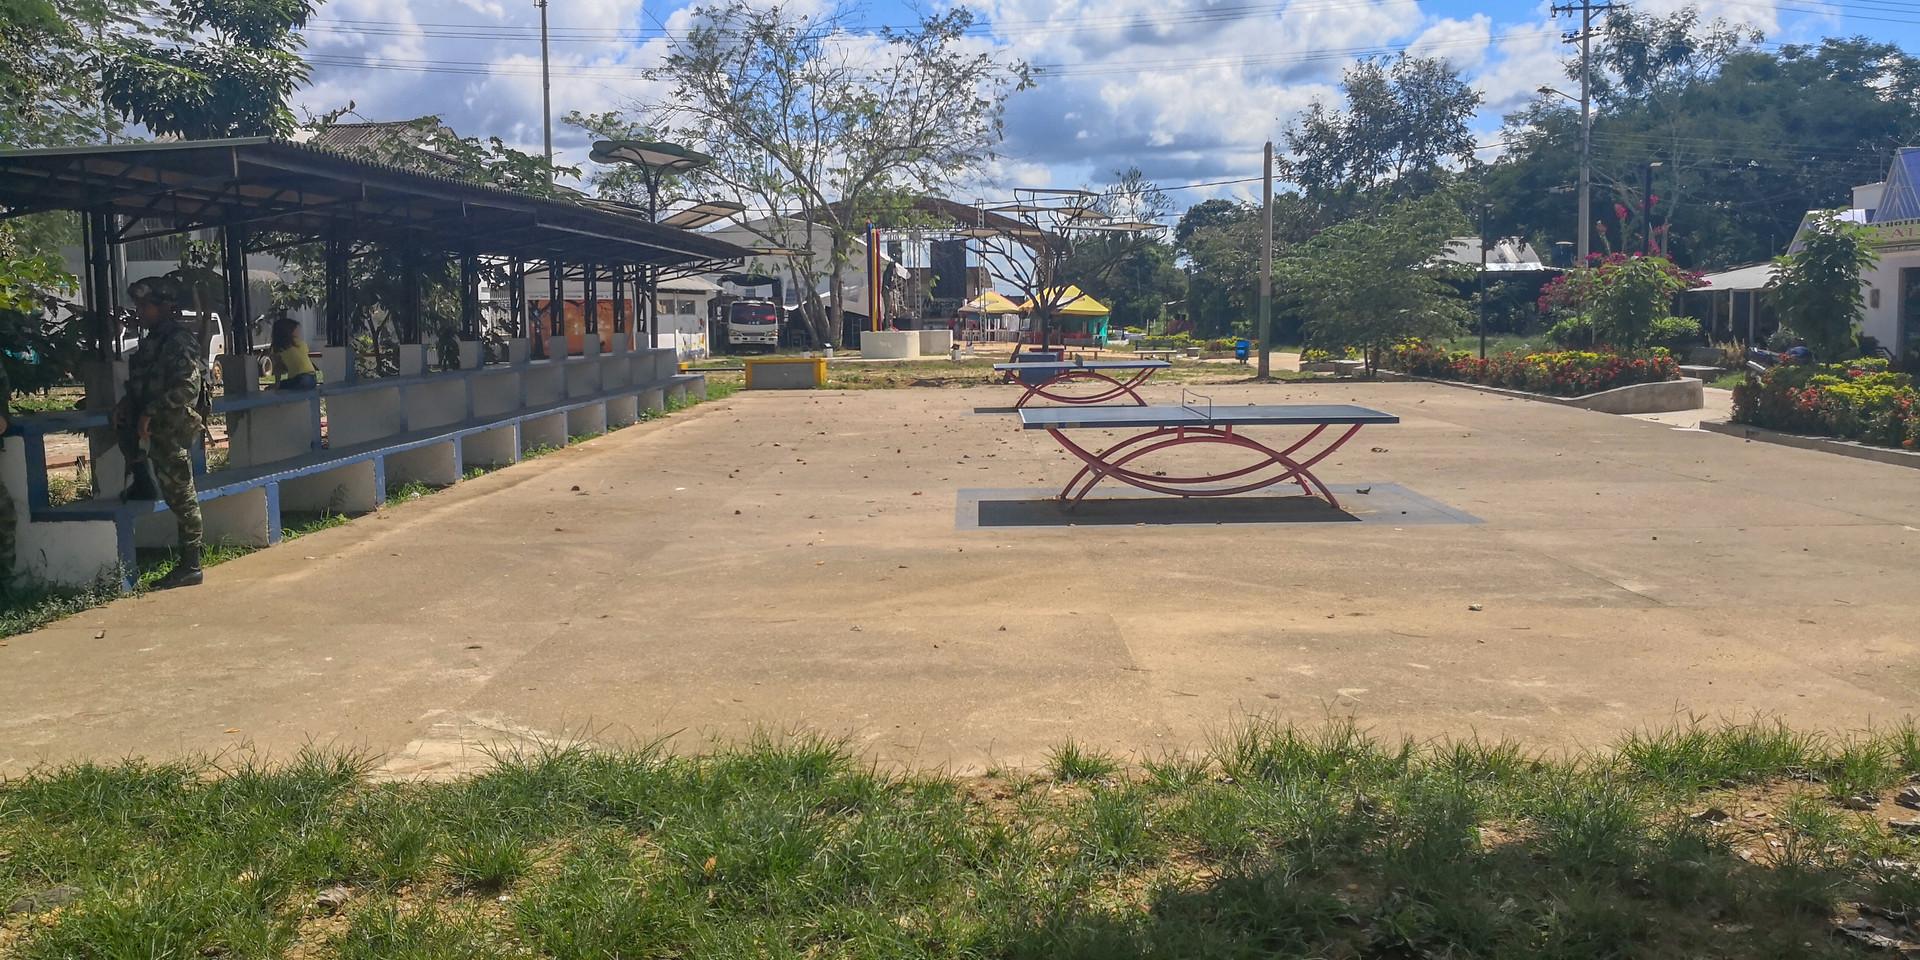 Parque Principal de La Macarena (Meta, Colombia) 2019